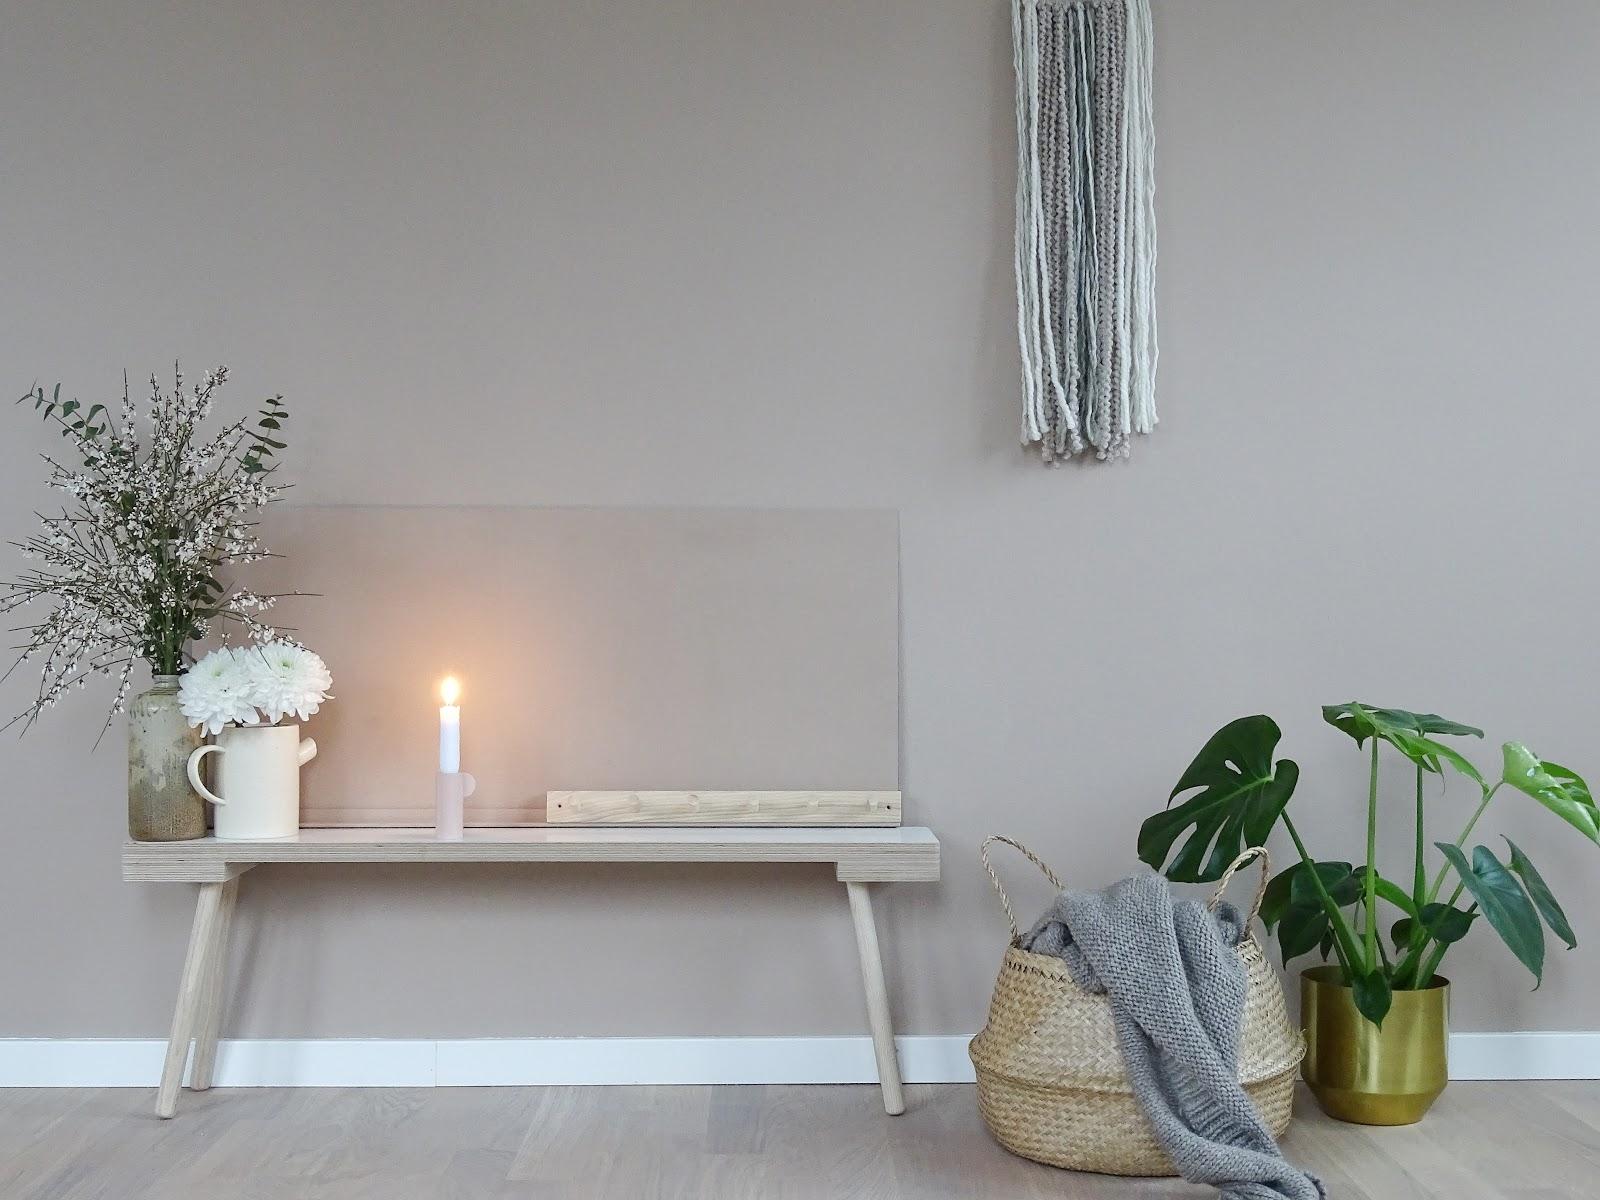 DIY-Ablageboard | Warme Wandfarbe für mehr Behaglichkeit | mammilade.com